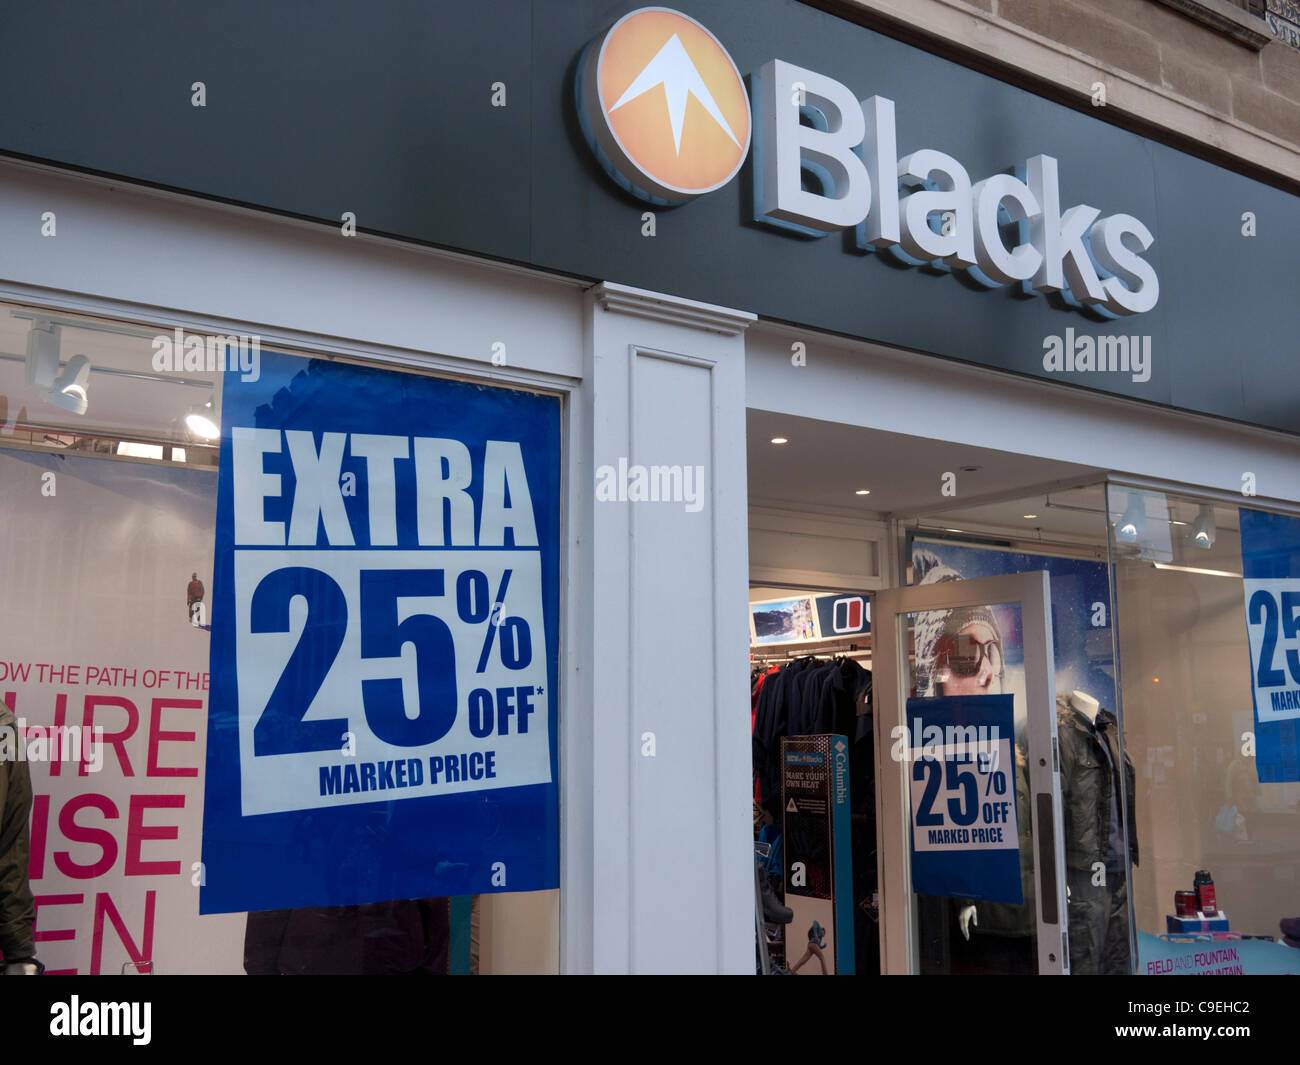 Los negros tienda en Cambridge en un frío día lluvioso, poco después, la empresa anunció que Imagen De Stock